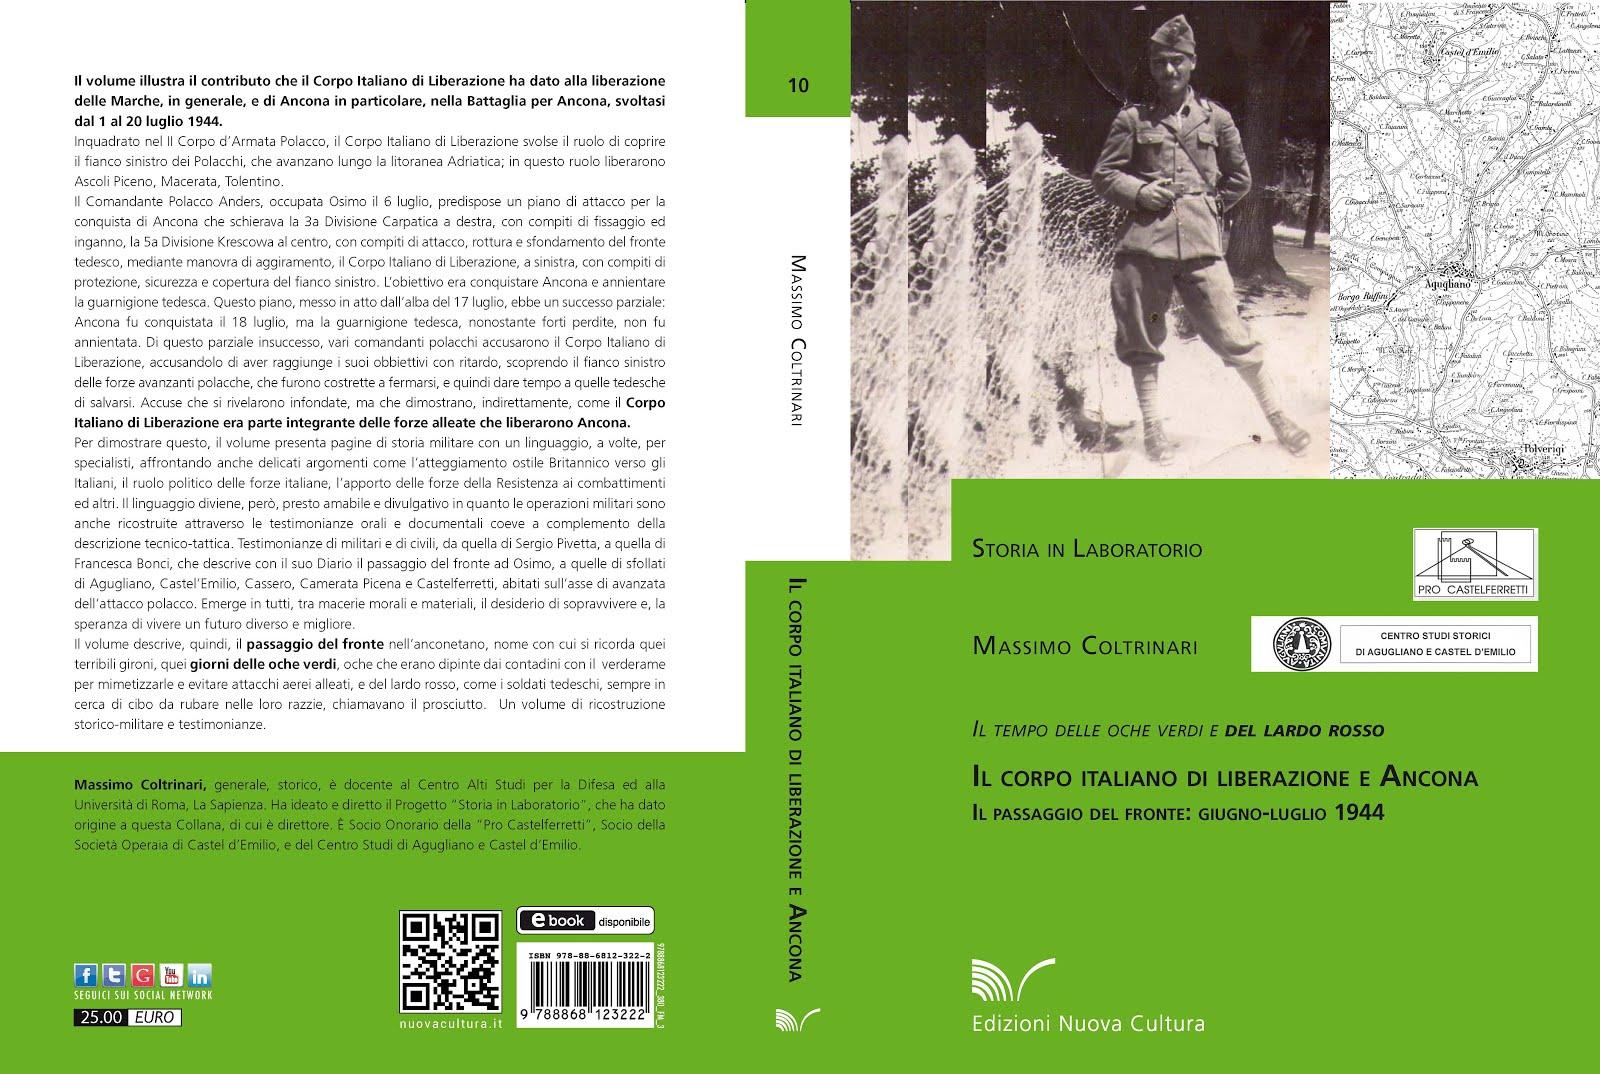 Il Corpo Italiano di Liberazione ed Ancona. Il tempo delle oche verdi e del  lardo rosso. 1944 1cdb27d6bcf9